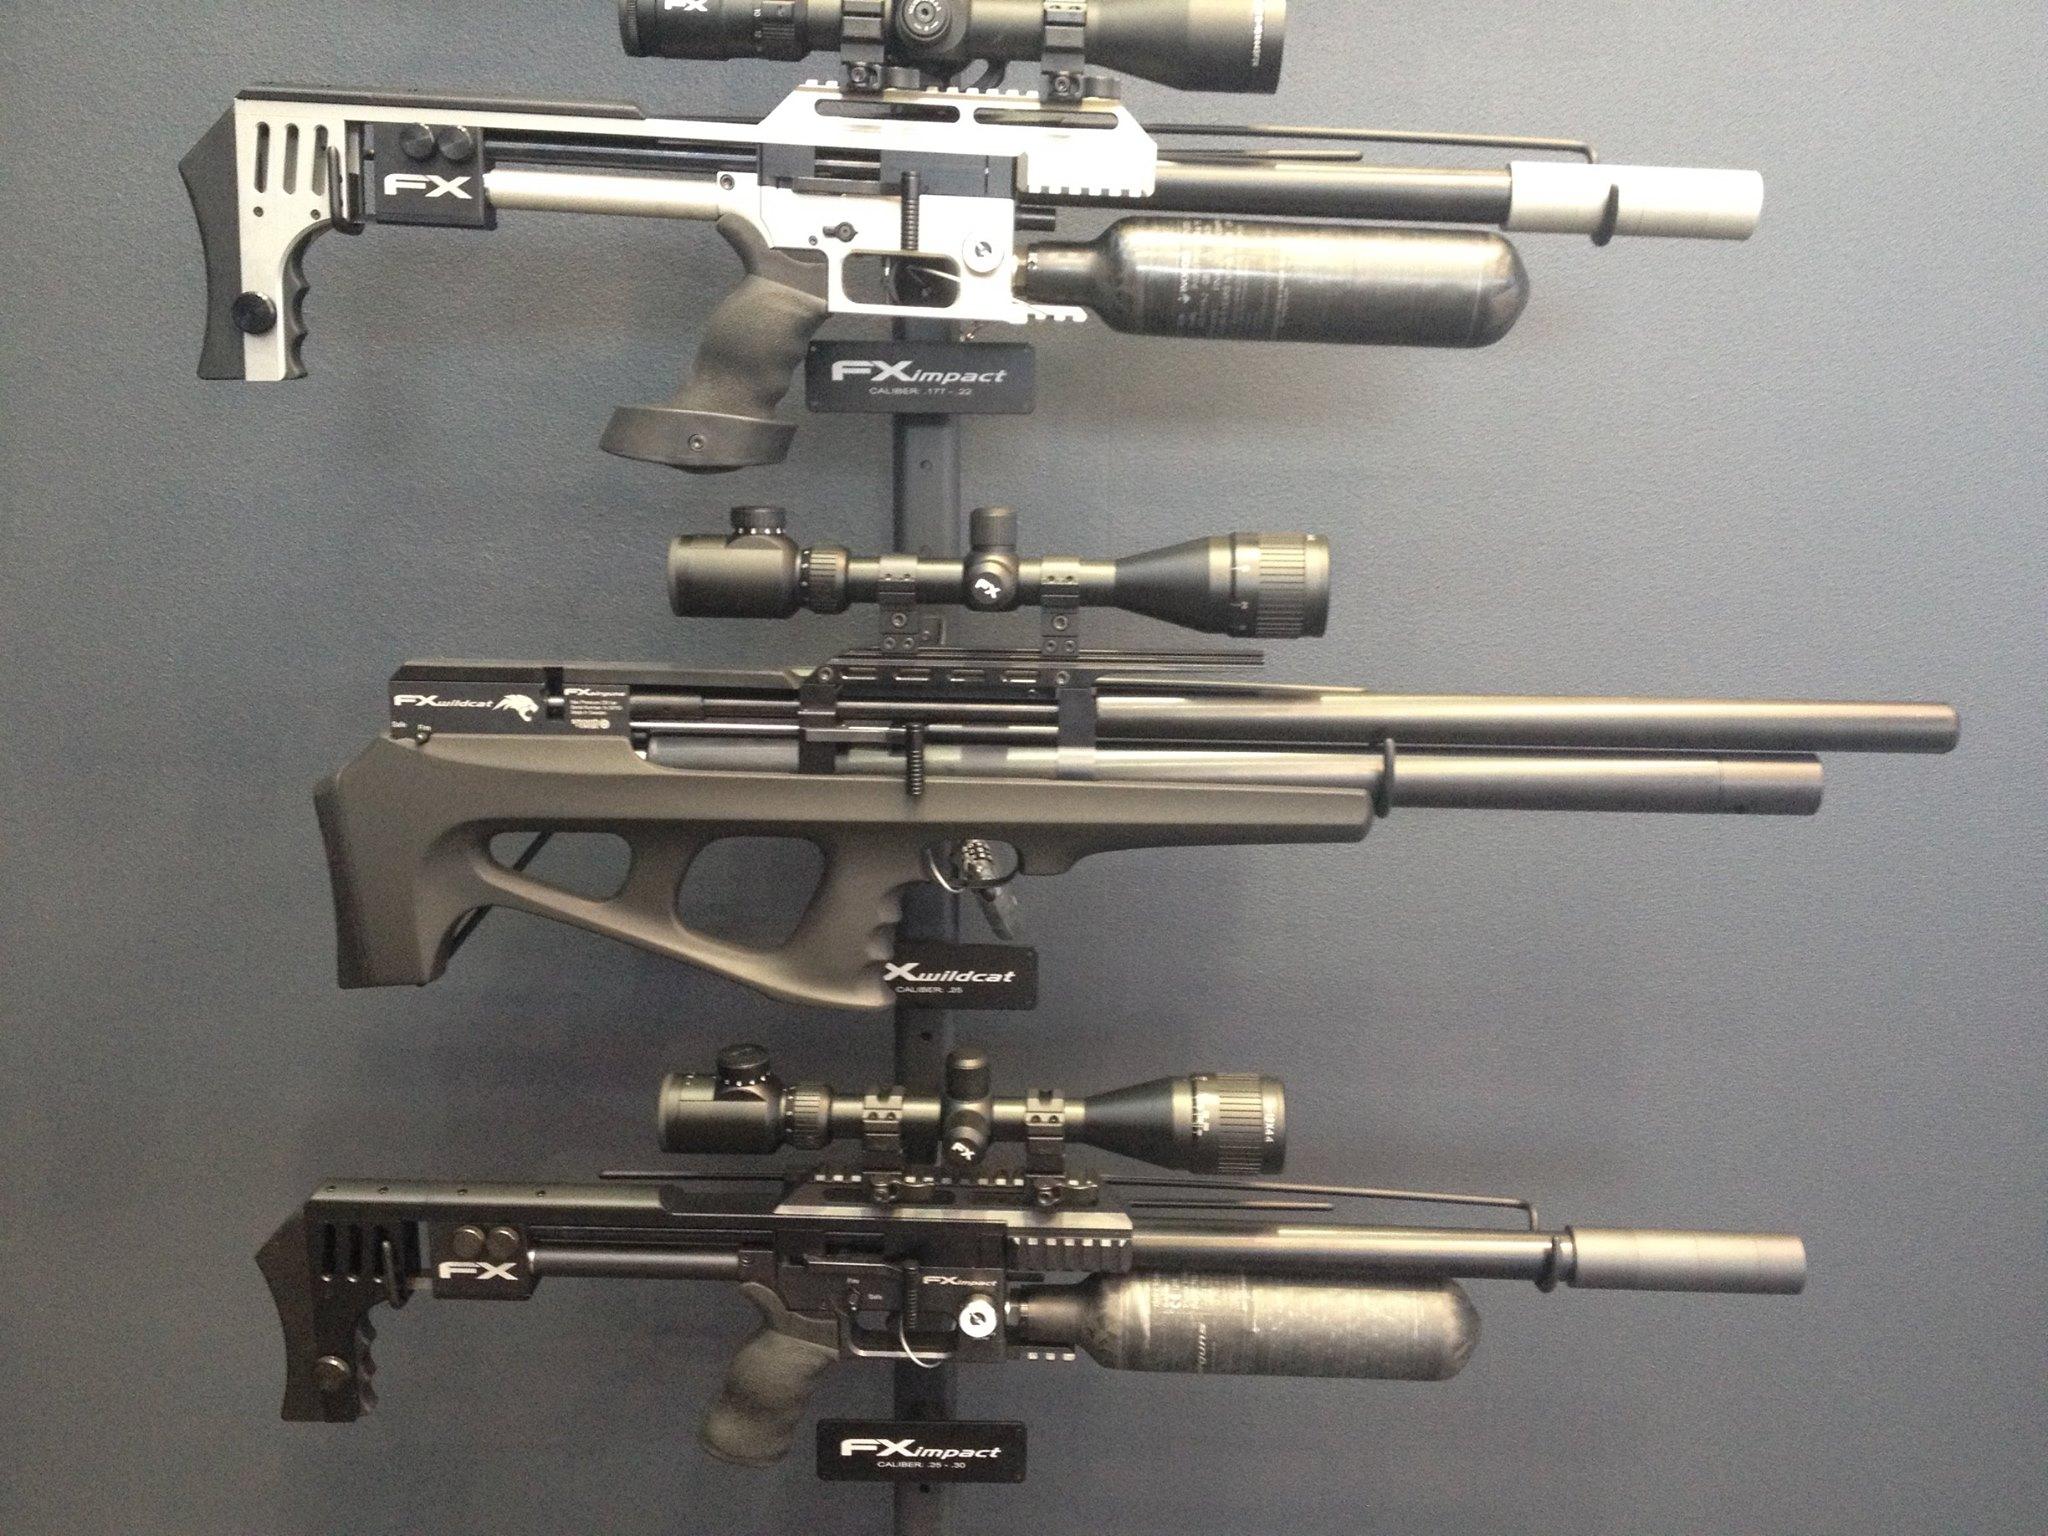 Carabine fx airguns bobcat mkii blog armurerie auxerre armurerie sp cialis e - Pistolet a eau longue portee ...